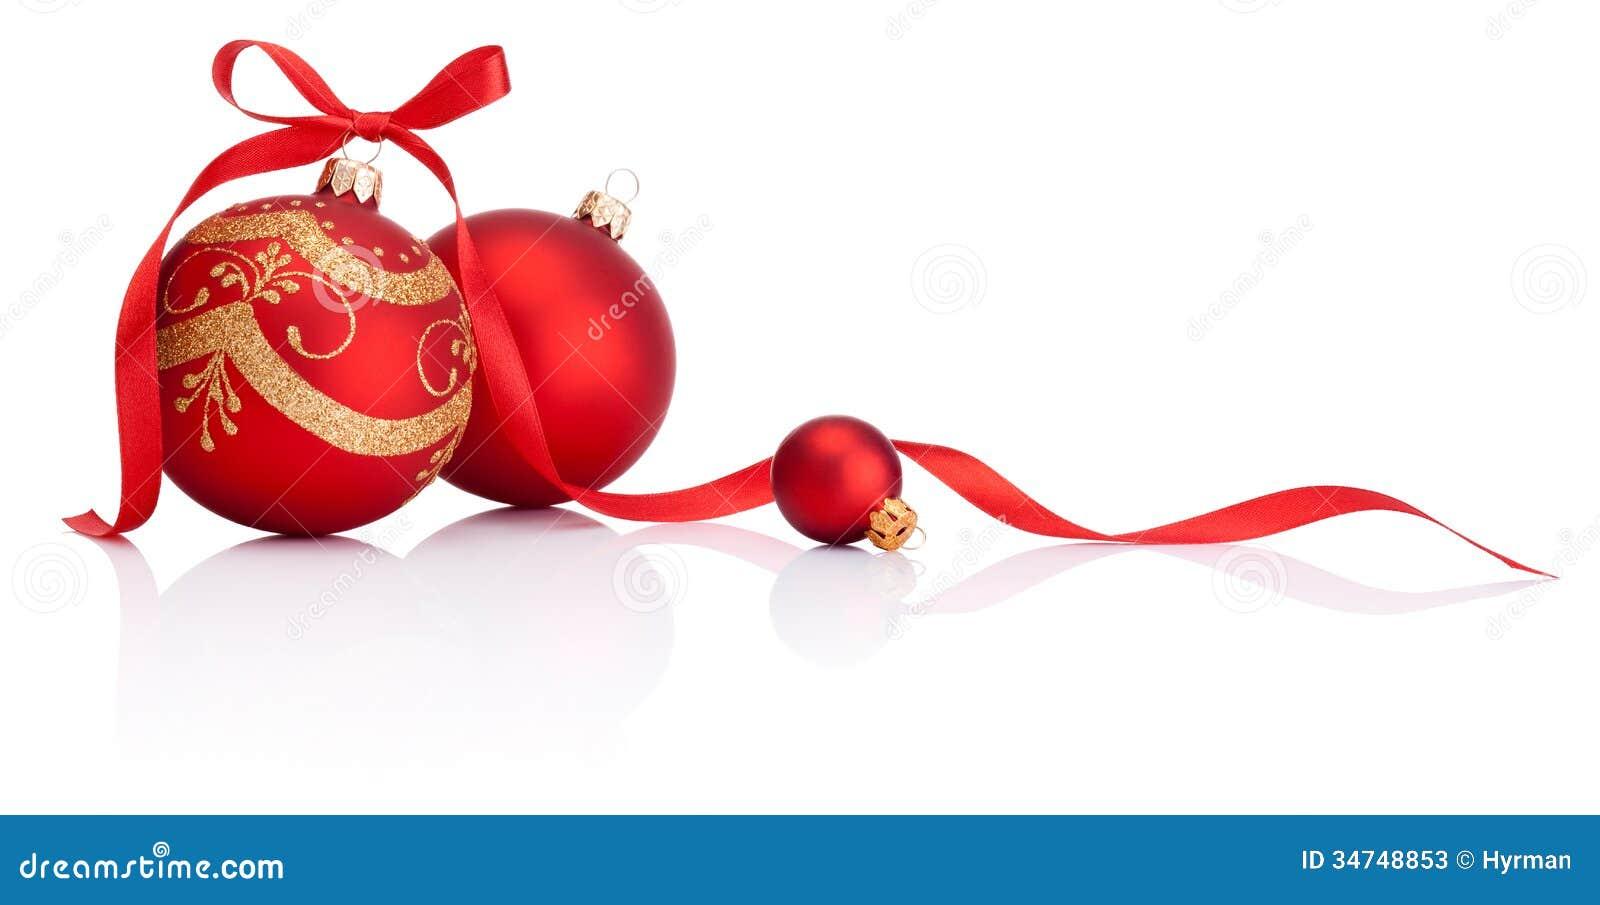 Les boules rouges de d coration de no l avec le ruban cintrent sur le blanc photos stock image - Les boules de noel ...